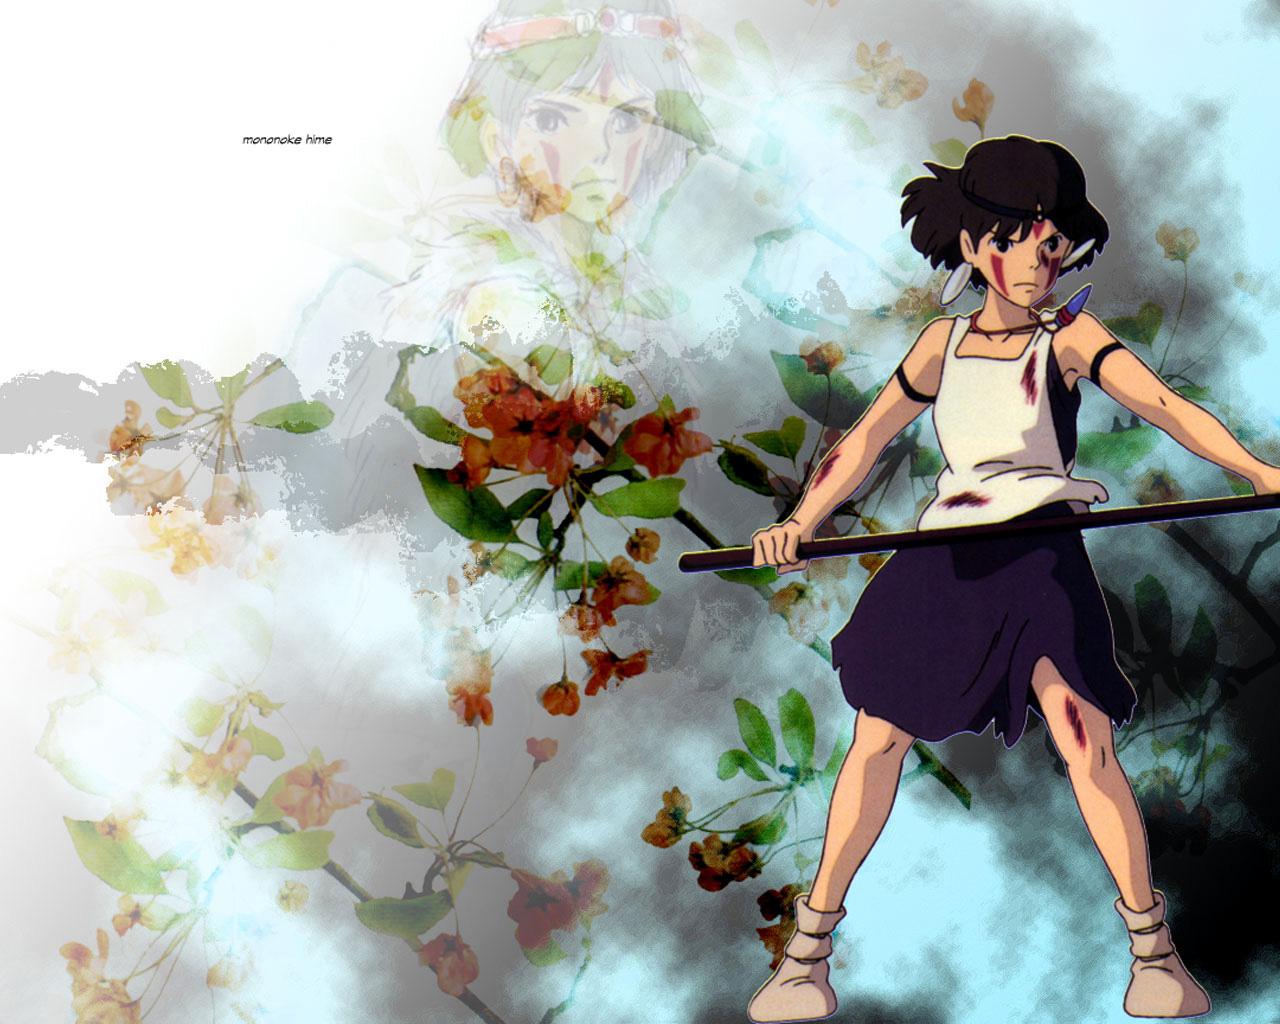 Variasi pena - Mononoke anime wallpaper ...